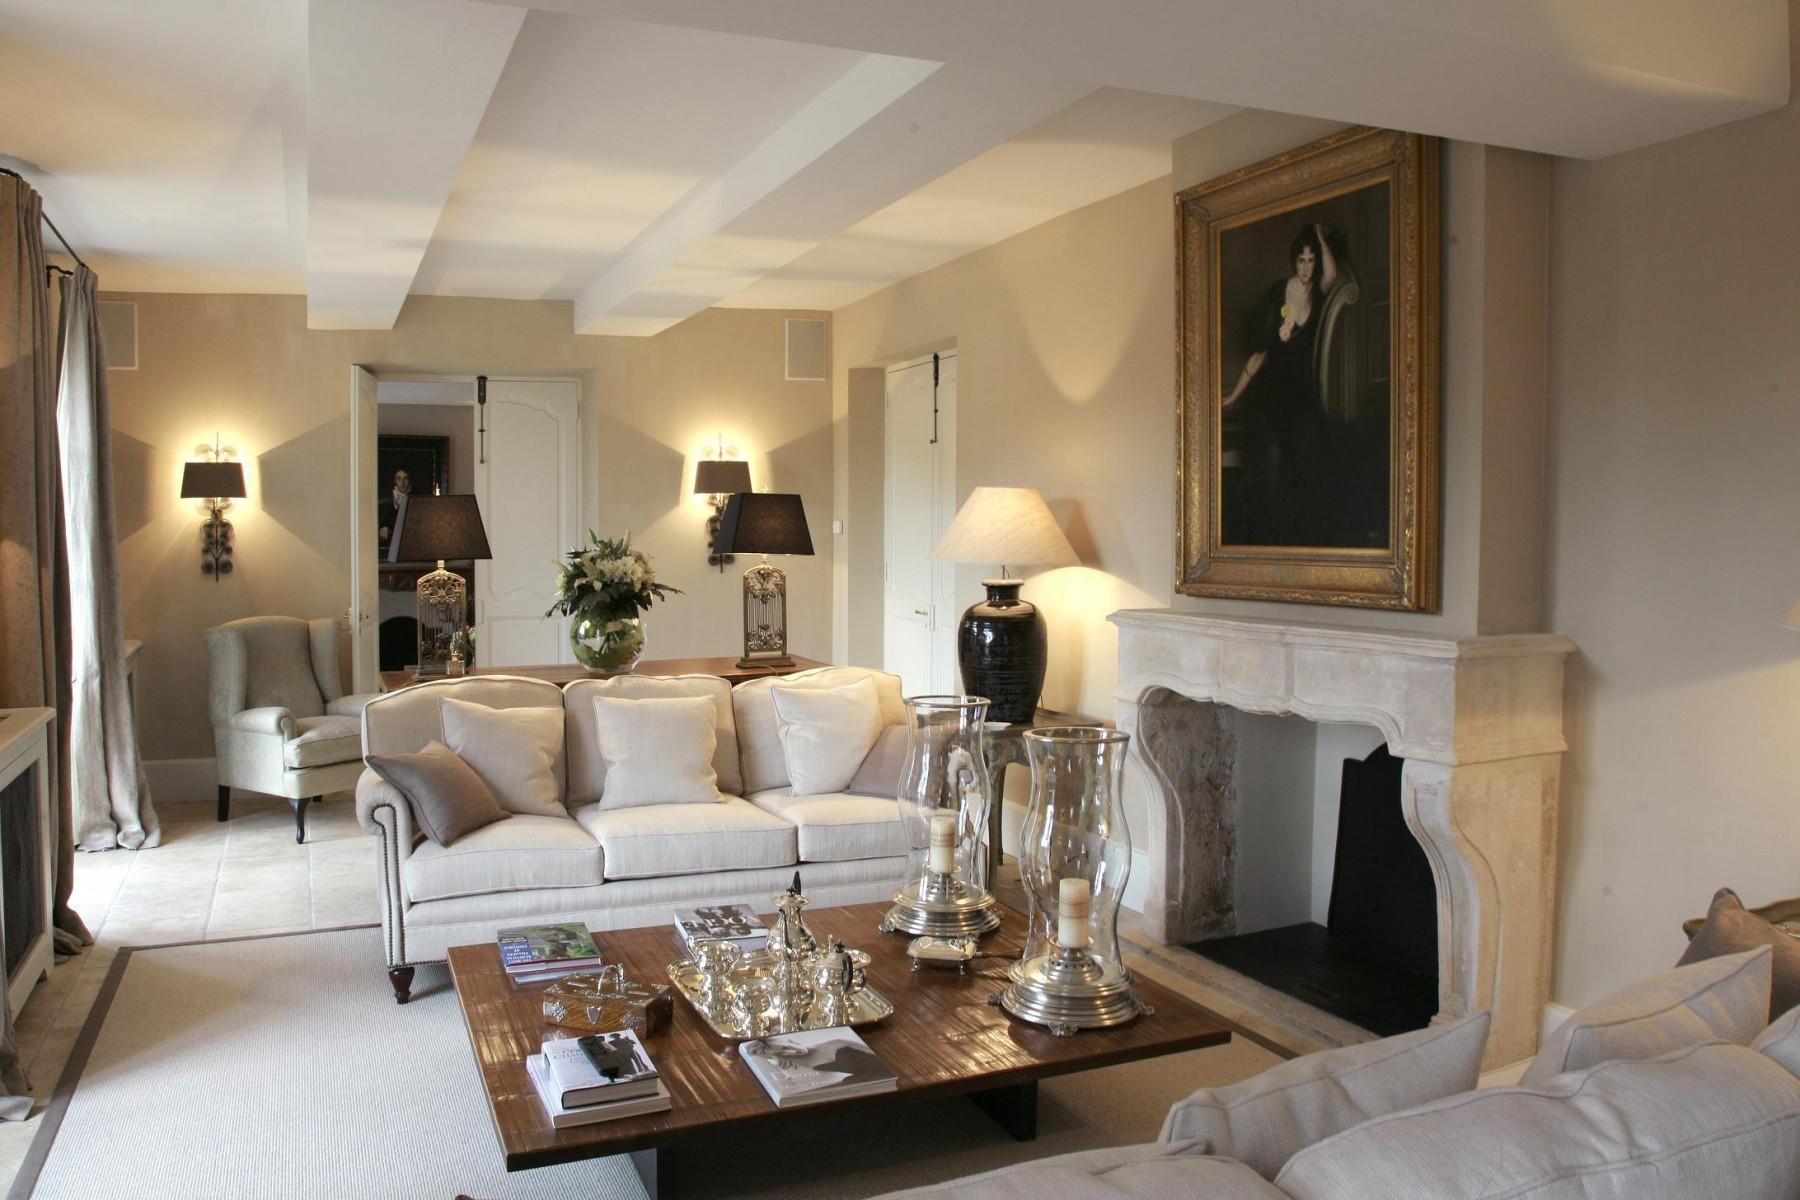 10 trucos para crear casas lujosas con poco dinero hoy for De decorar casas